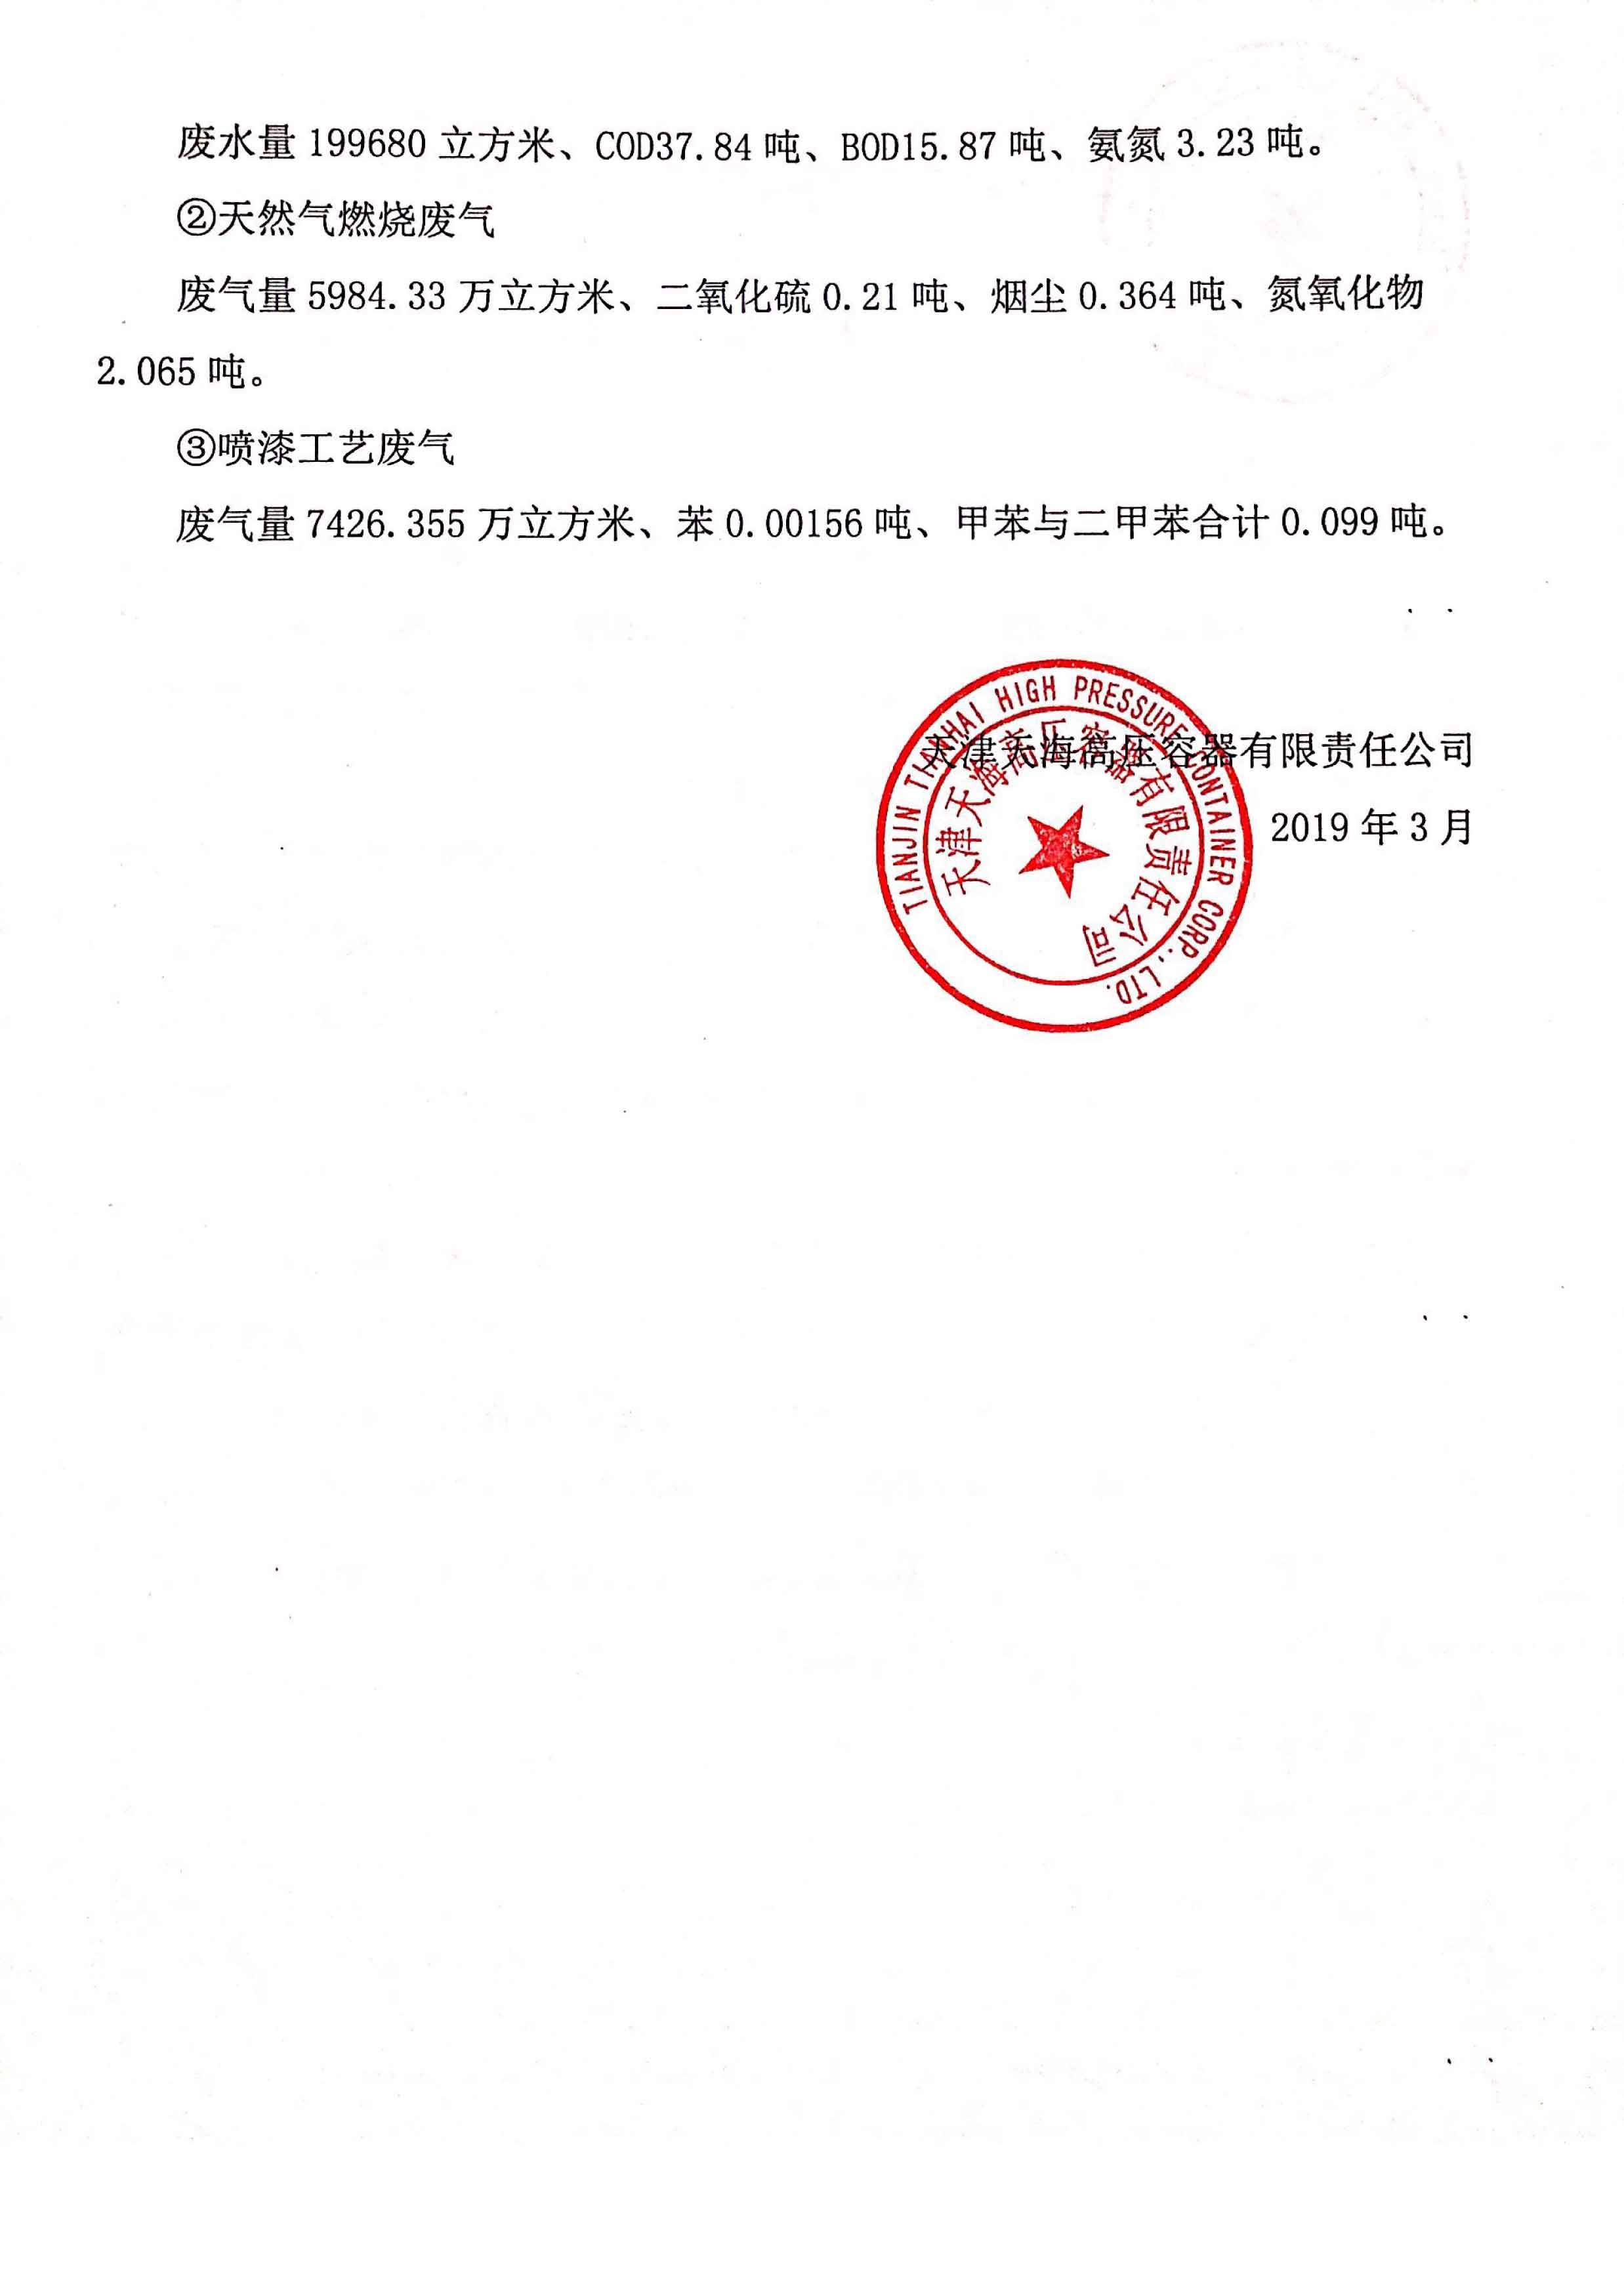 天津天海高压容器有限责任公司清洁生产审核基本信息公布_20190711083050-2.jpg